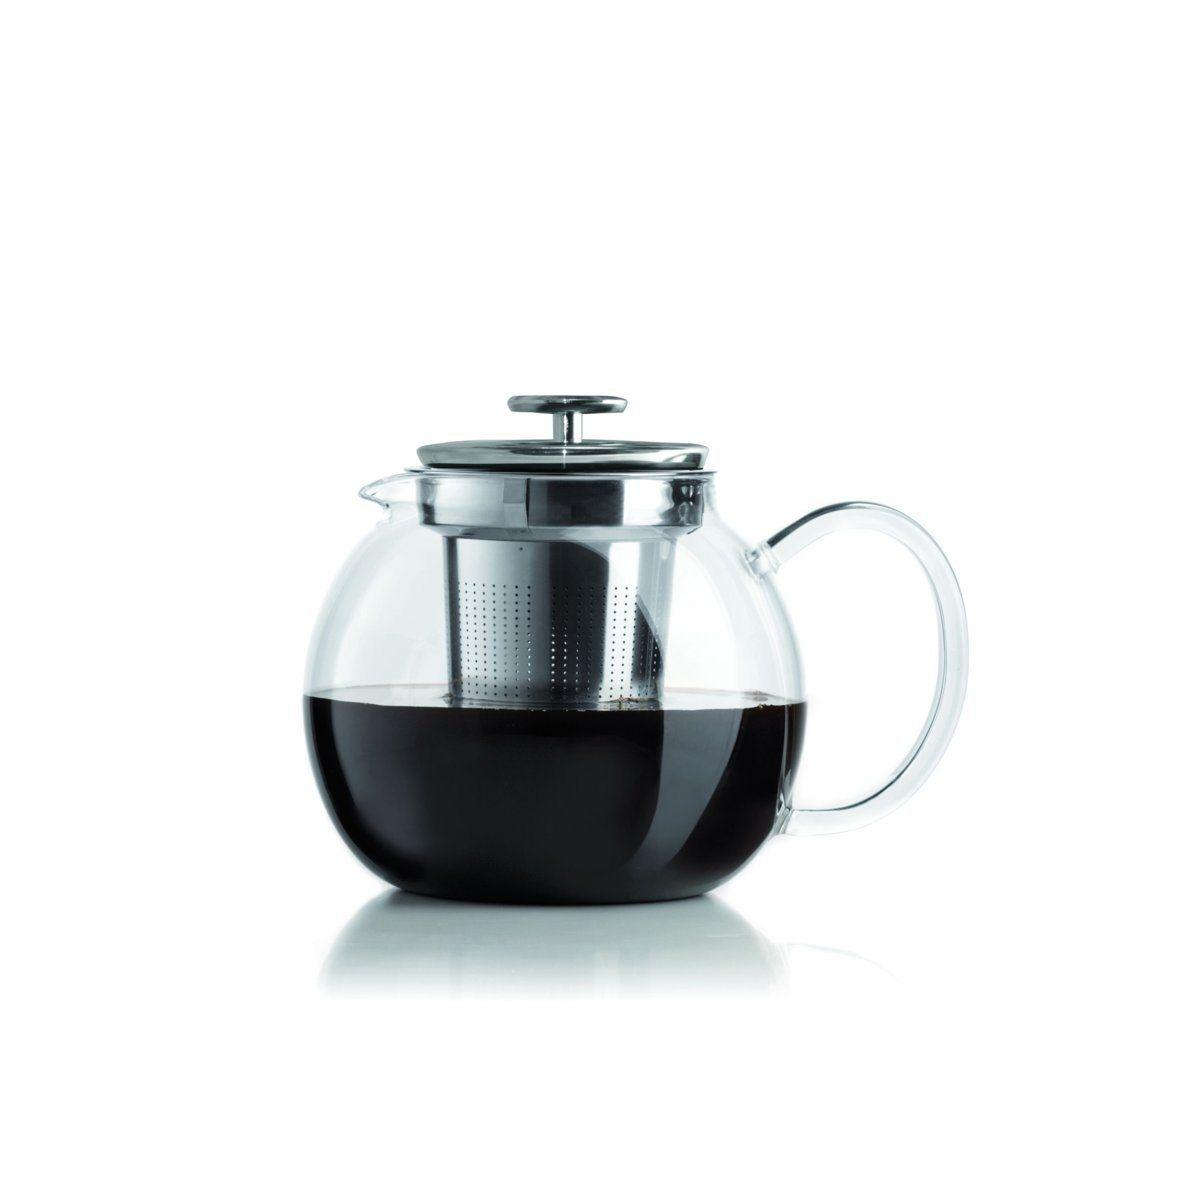 Esthétique et ergonomique, la théière en verre 0003330 de Bialetti est la théière idéale pour retrouver le goût du thé et le préparer dans les règles de lart !Dune capacité de 1L, la théière 0003330 de Bialetti vous offre à la fois un design inimitable et